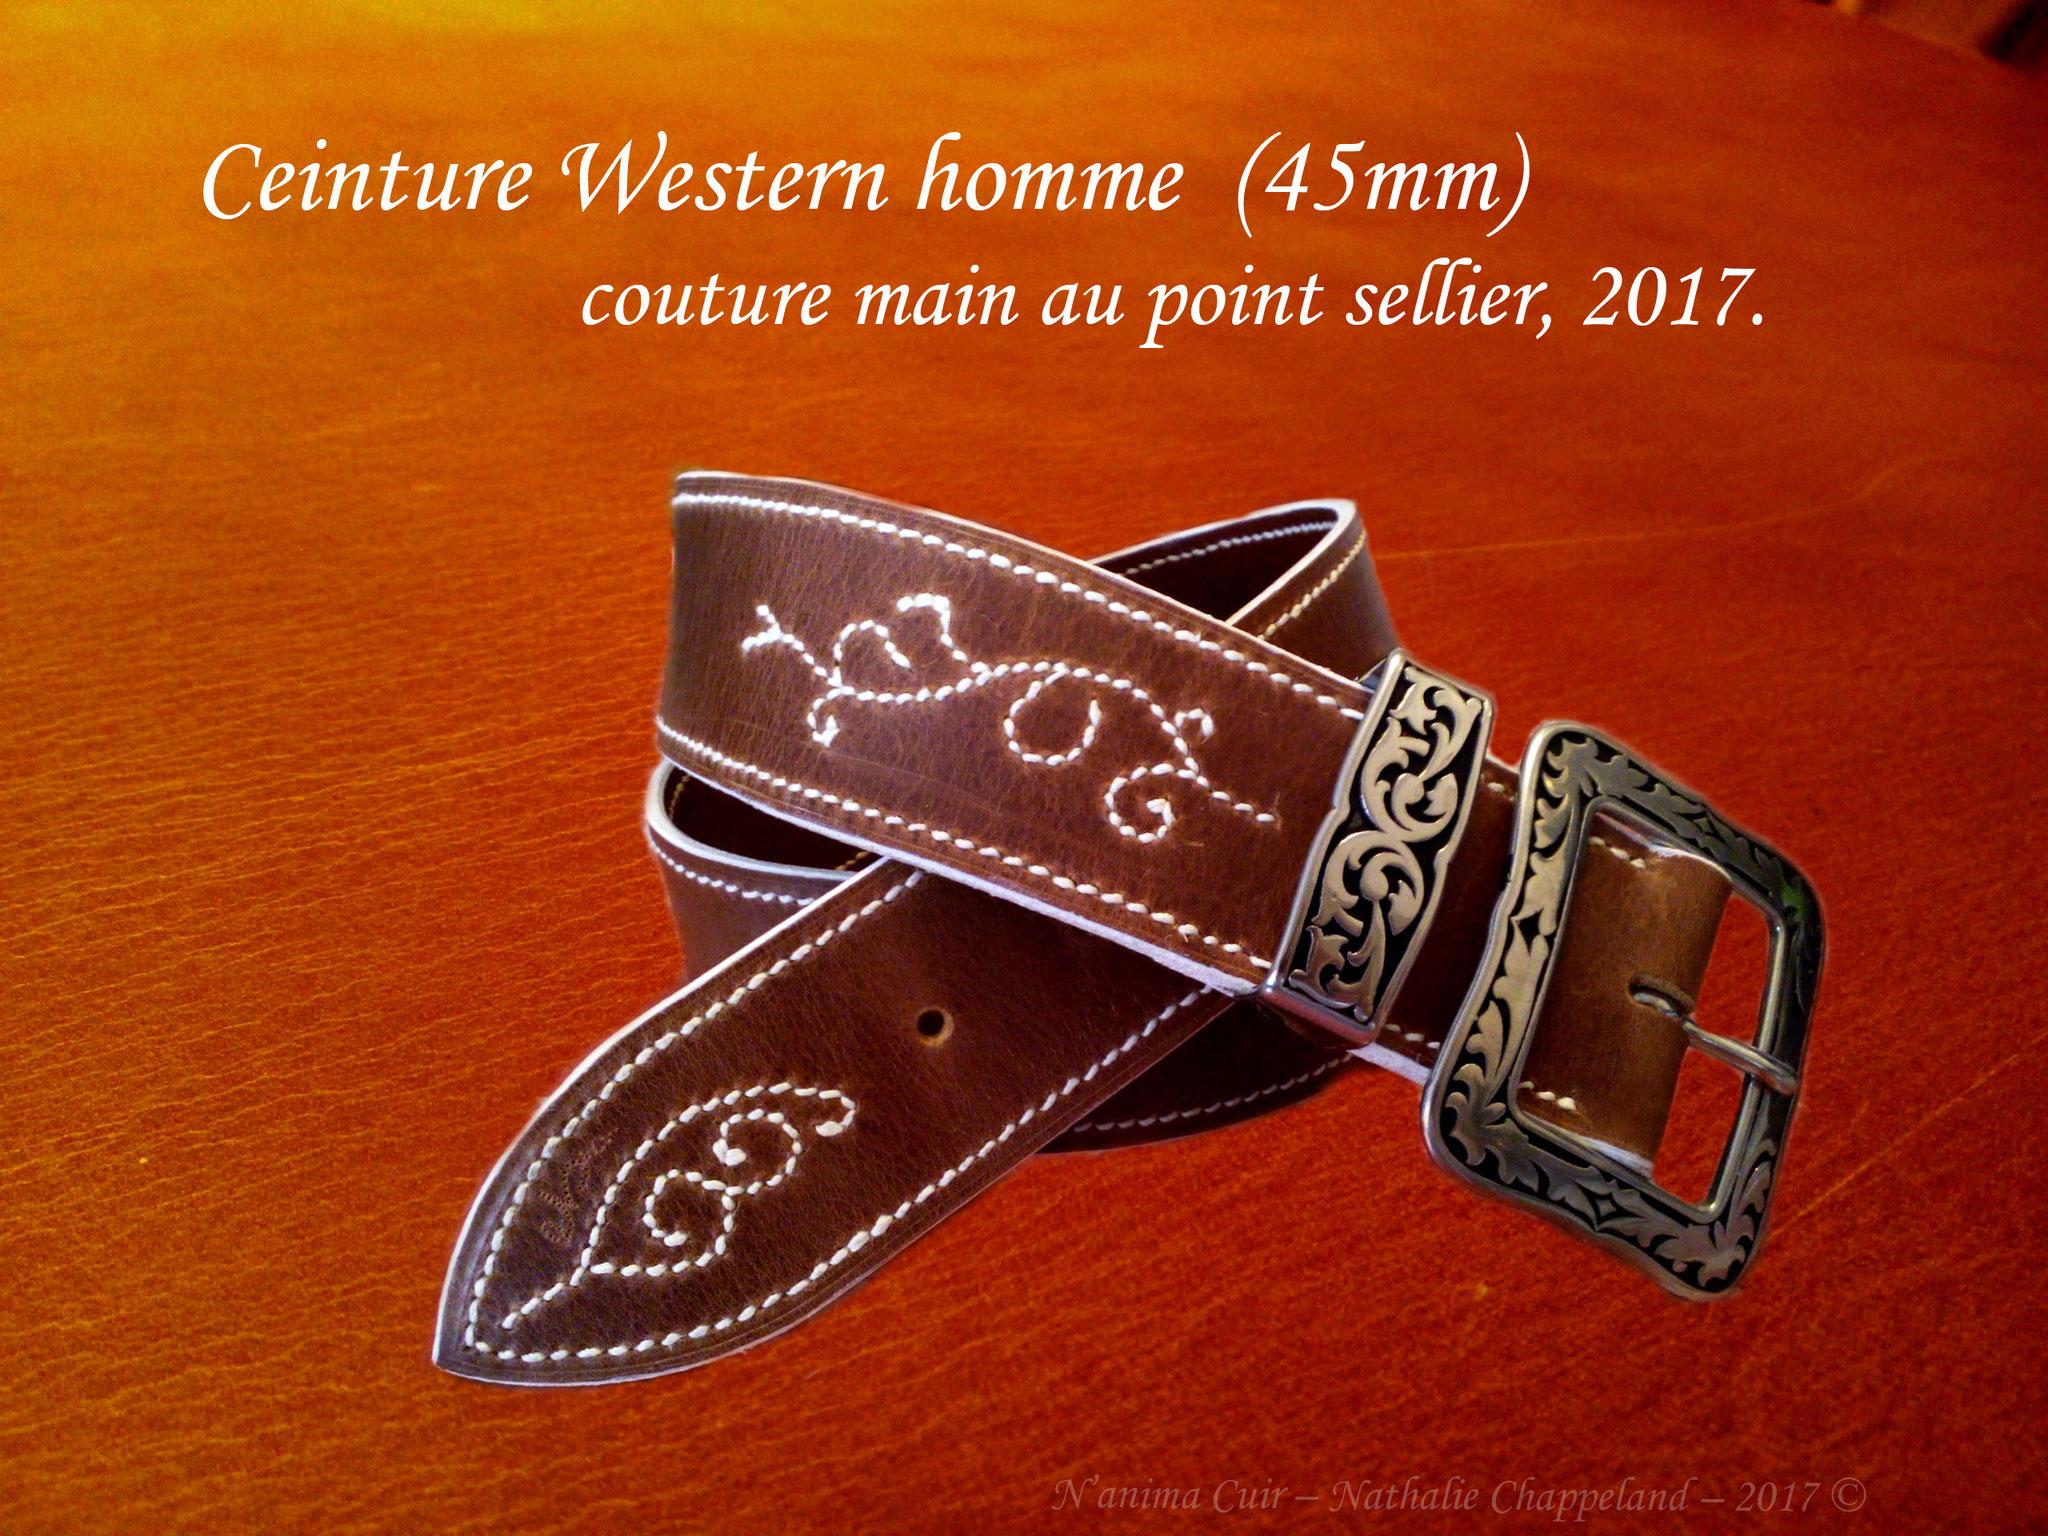 Ceinture Western homme (45mm), coutures et fonçures main au point sellier, 2017 ©.